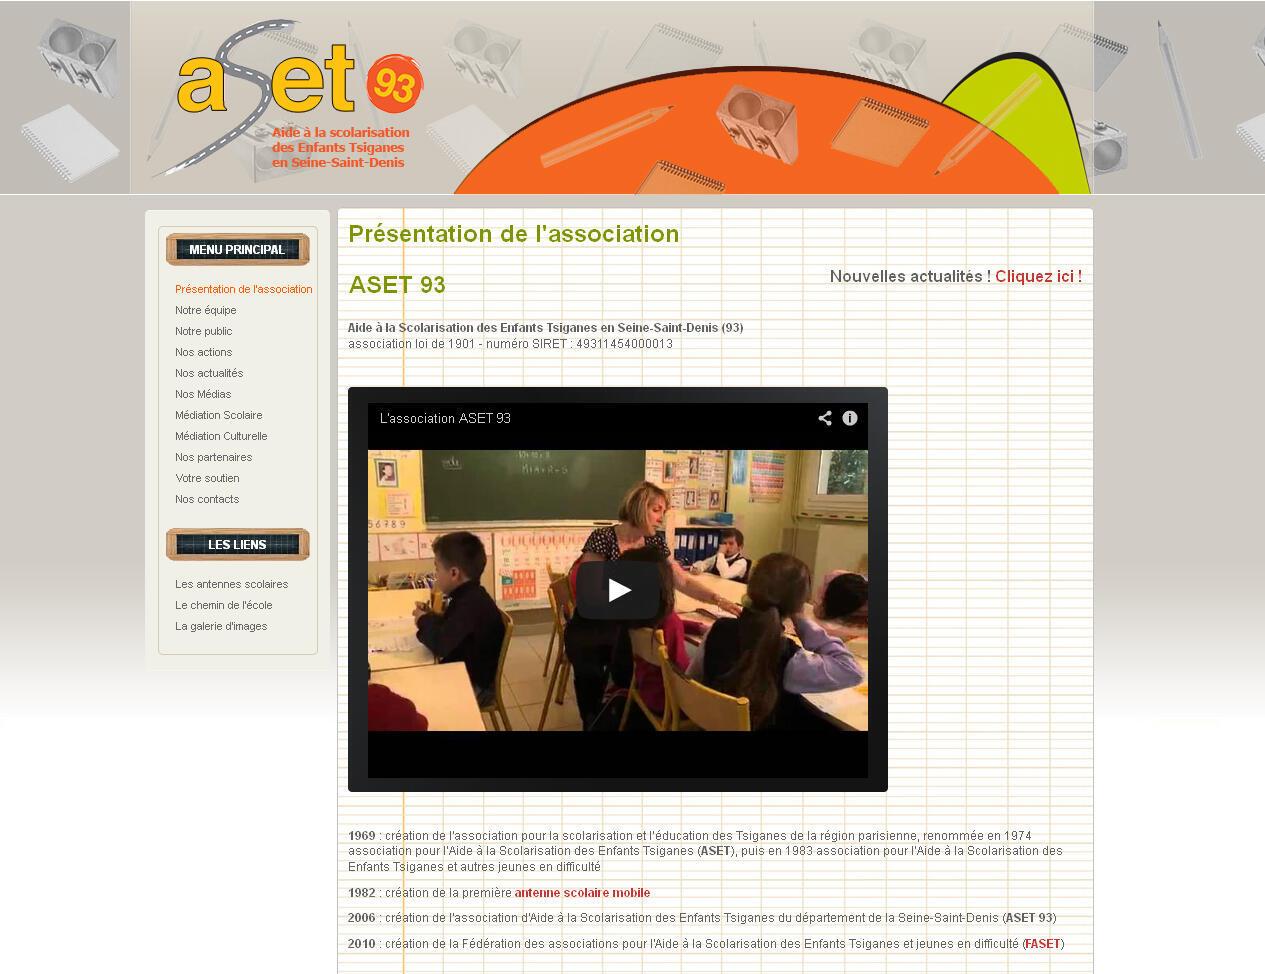 Site internet de l'association d'aide à la scolarisation des enfants tsiganes en Seine-Saint-Denis (Aset93).